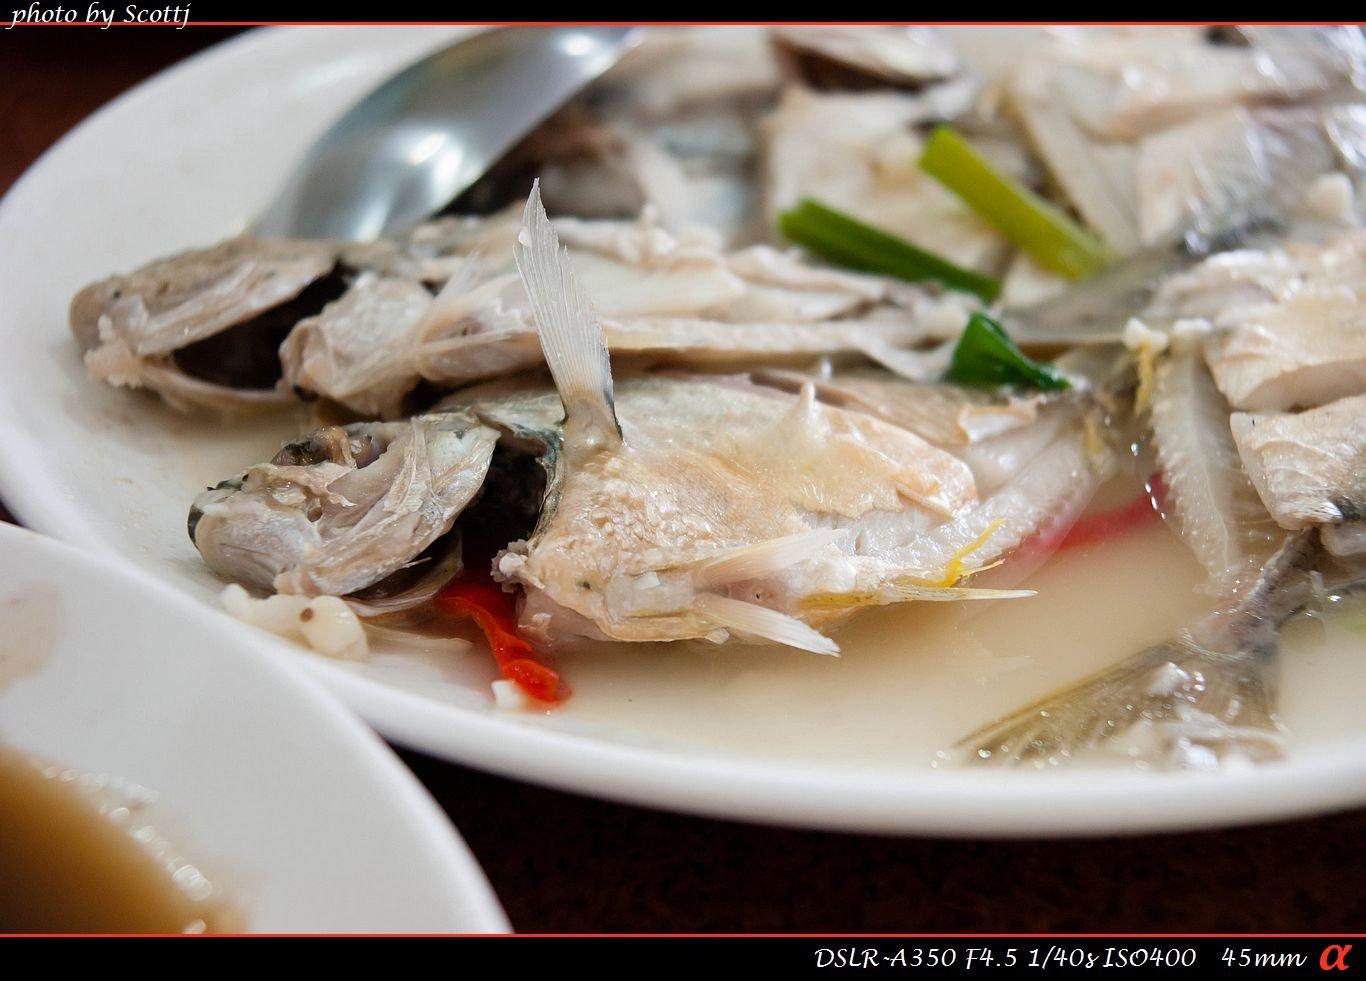 台南將軍鄉萬味珍海產店| Scottj's 01 World